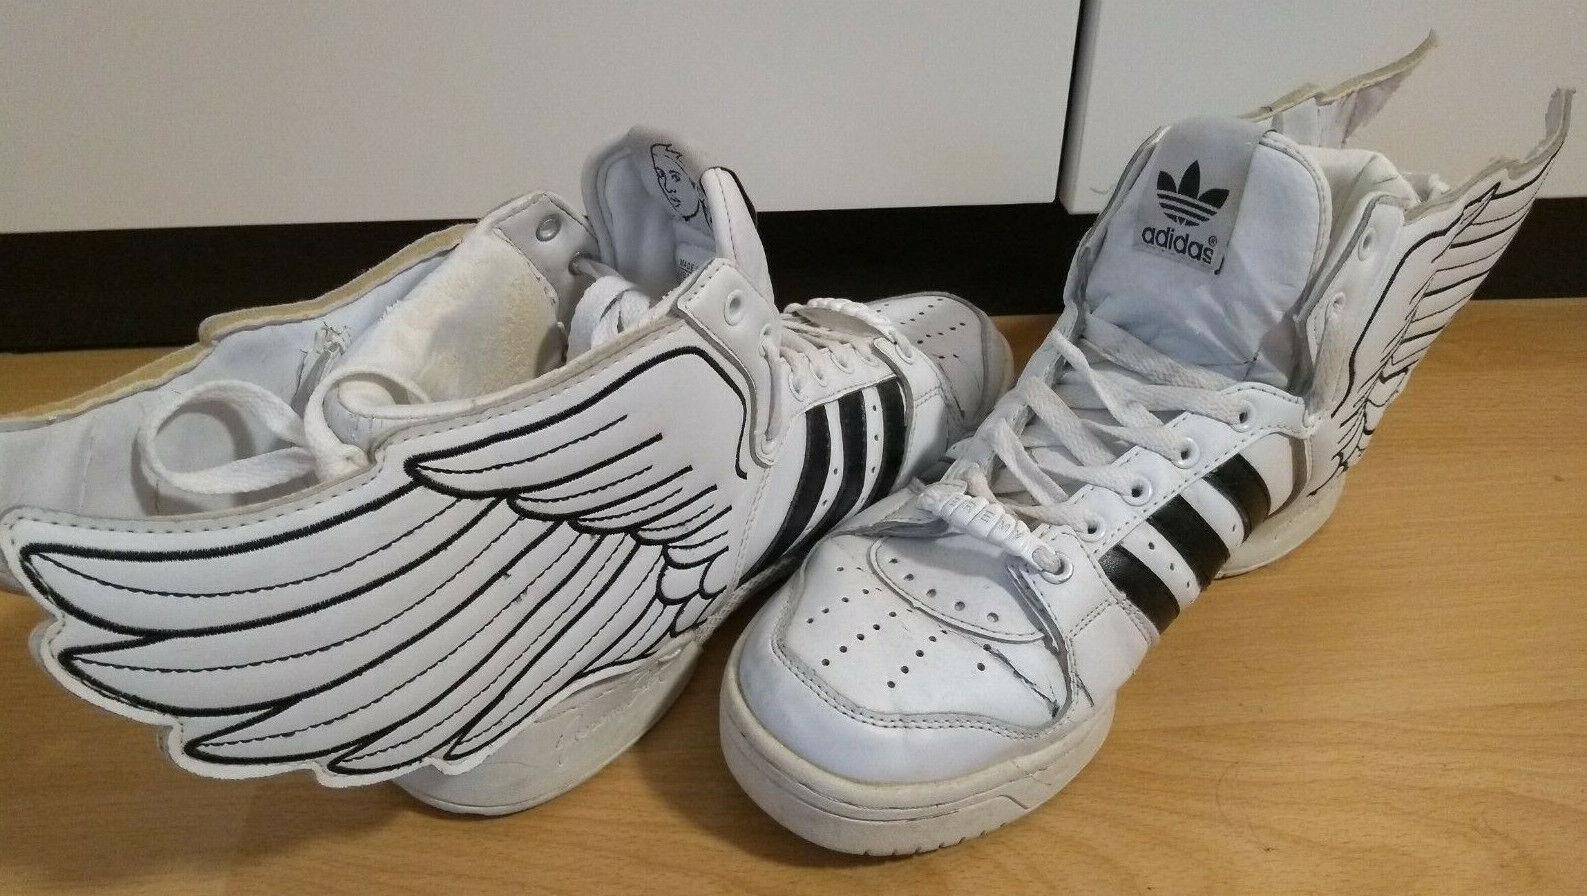 Adidas Jeremy Scott schwarz Weiß wings